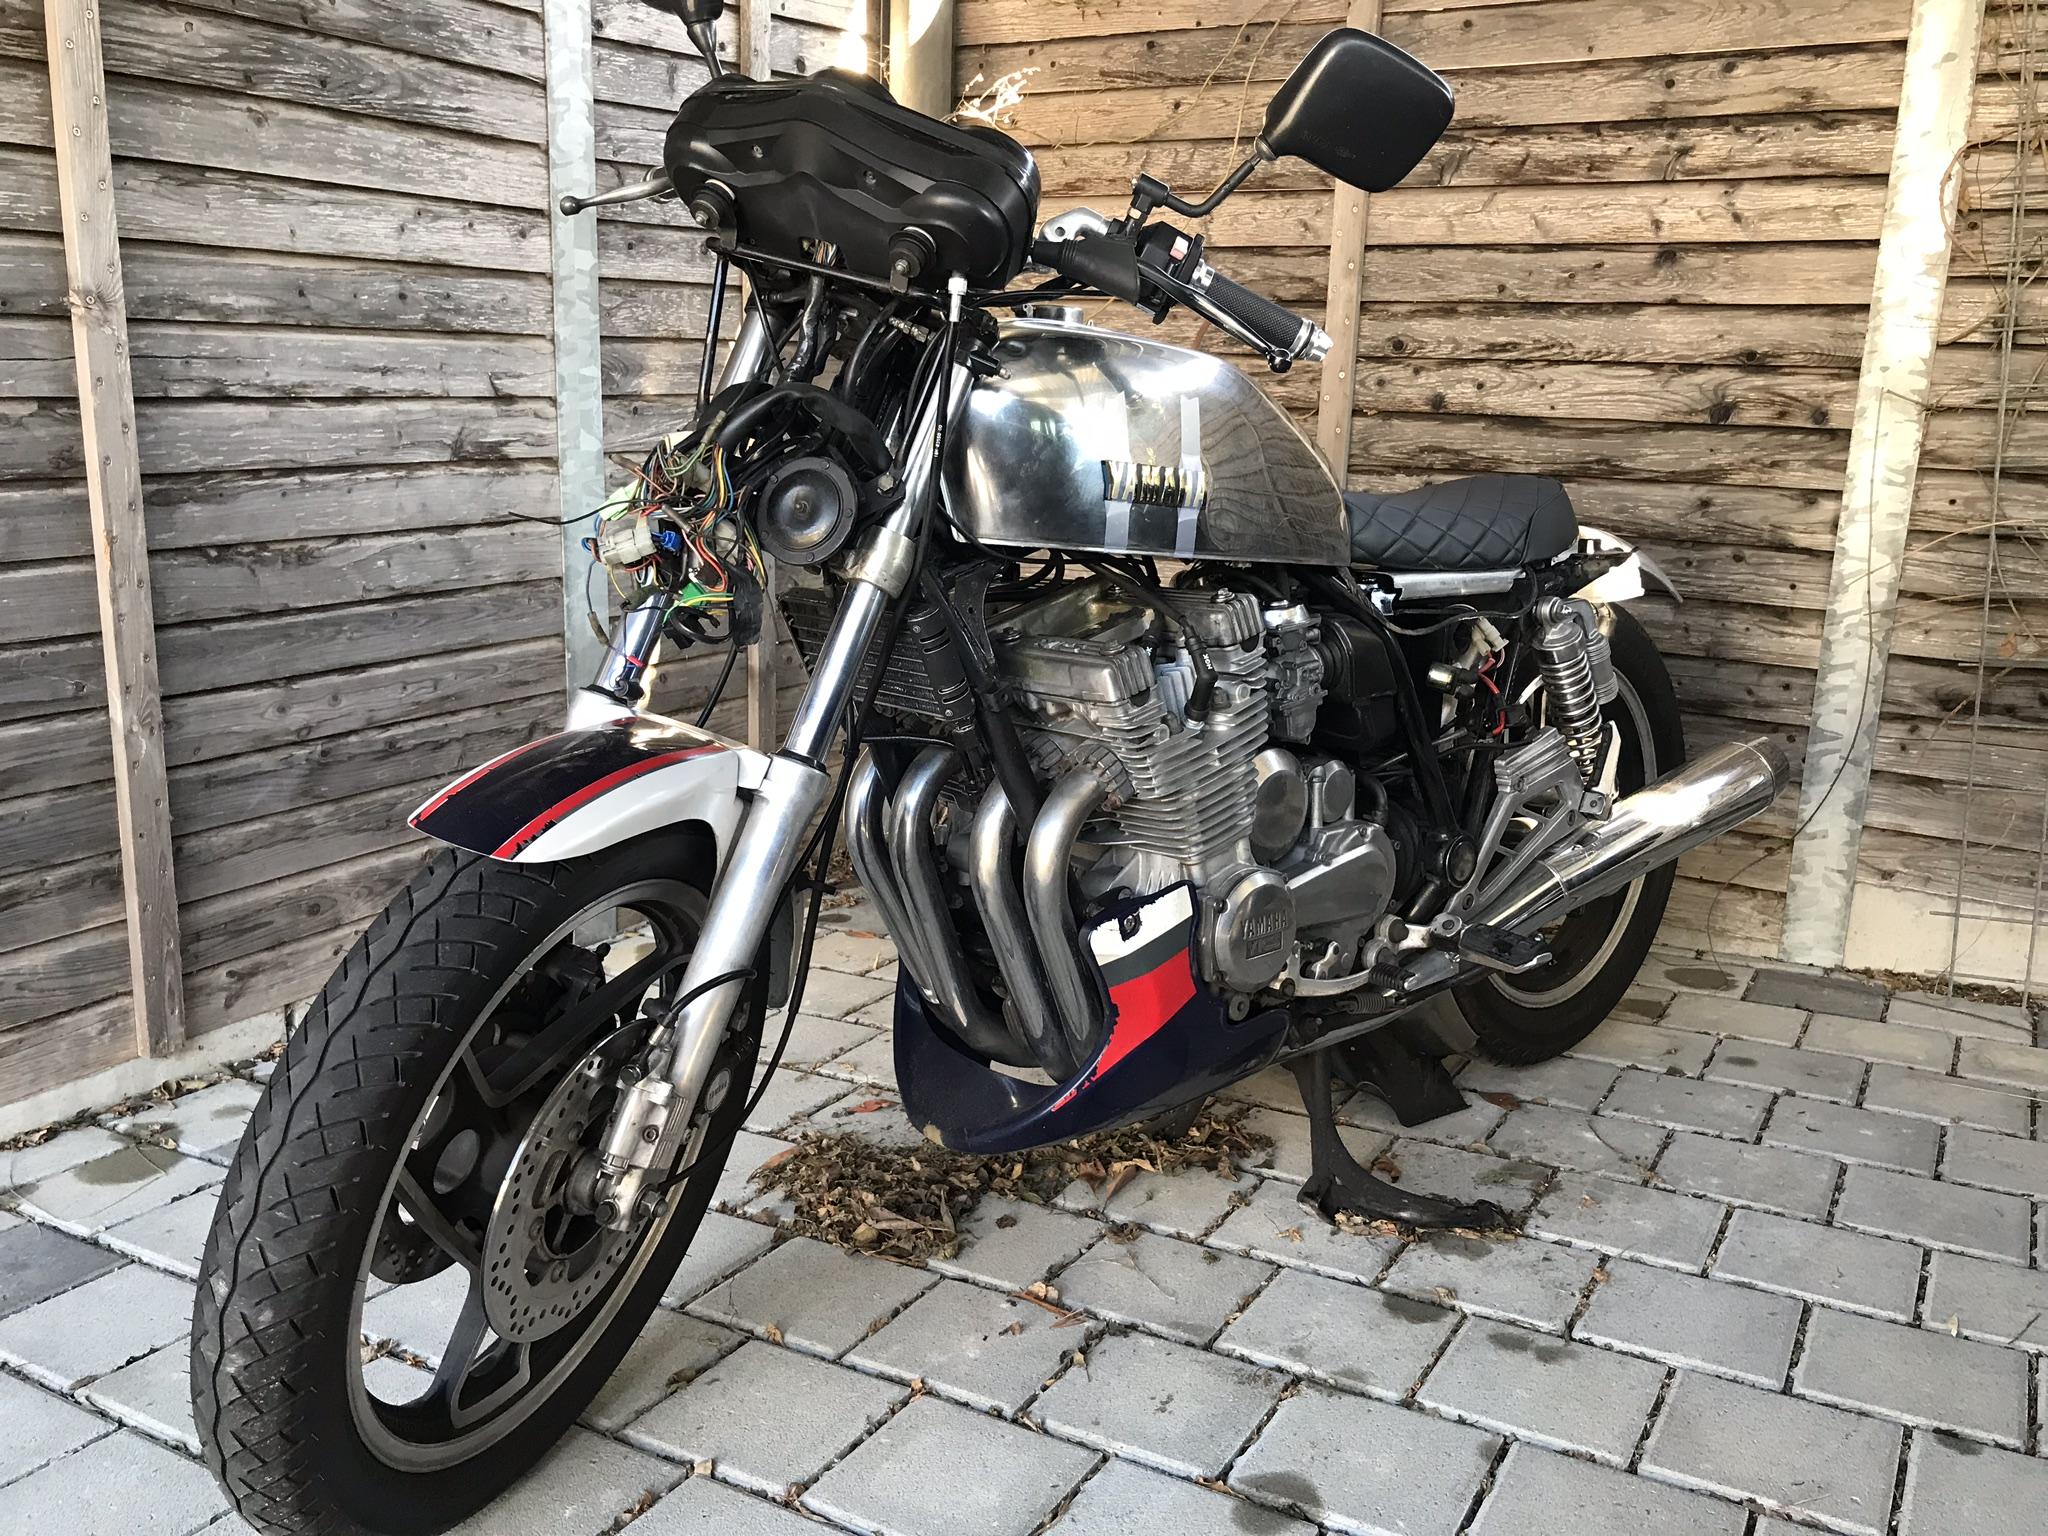 1984 Yamaha XJ 900 31a - Cafe Racer Conversion